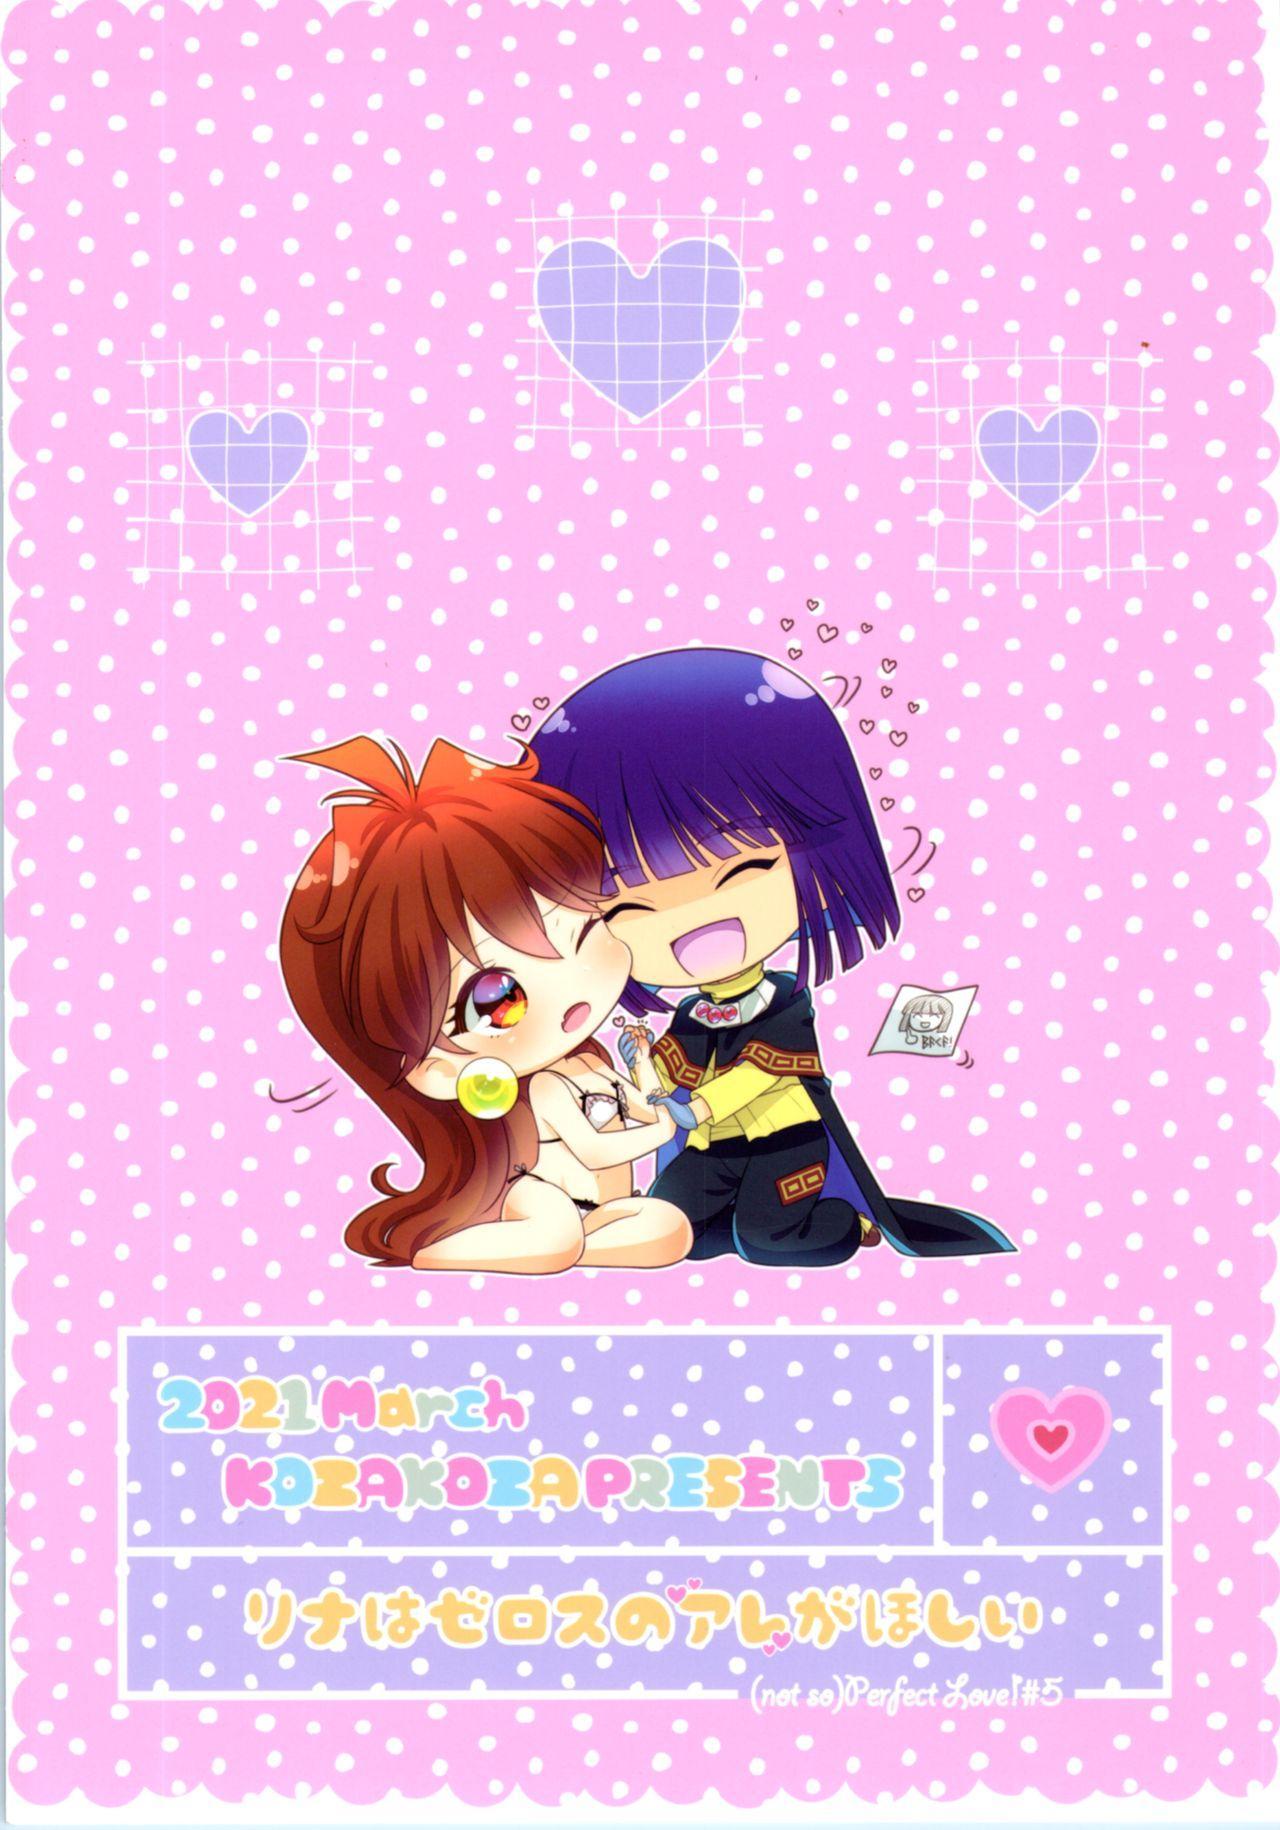 (2021-03 Akihabara Chou Doujinsai) [kozakoza (Kaipan)] Lina wa Xelloss no Are ga Hoshii - (not so) Perfect Love! #5 (Slayers) 37